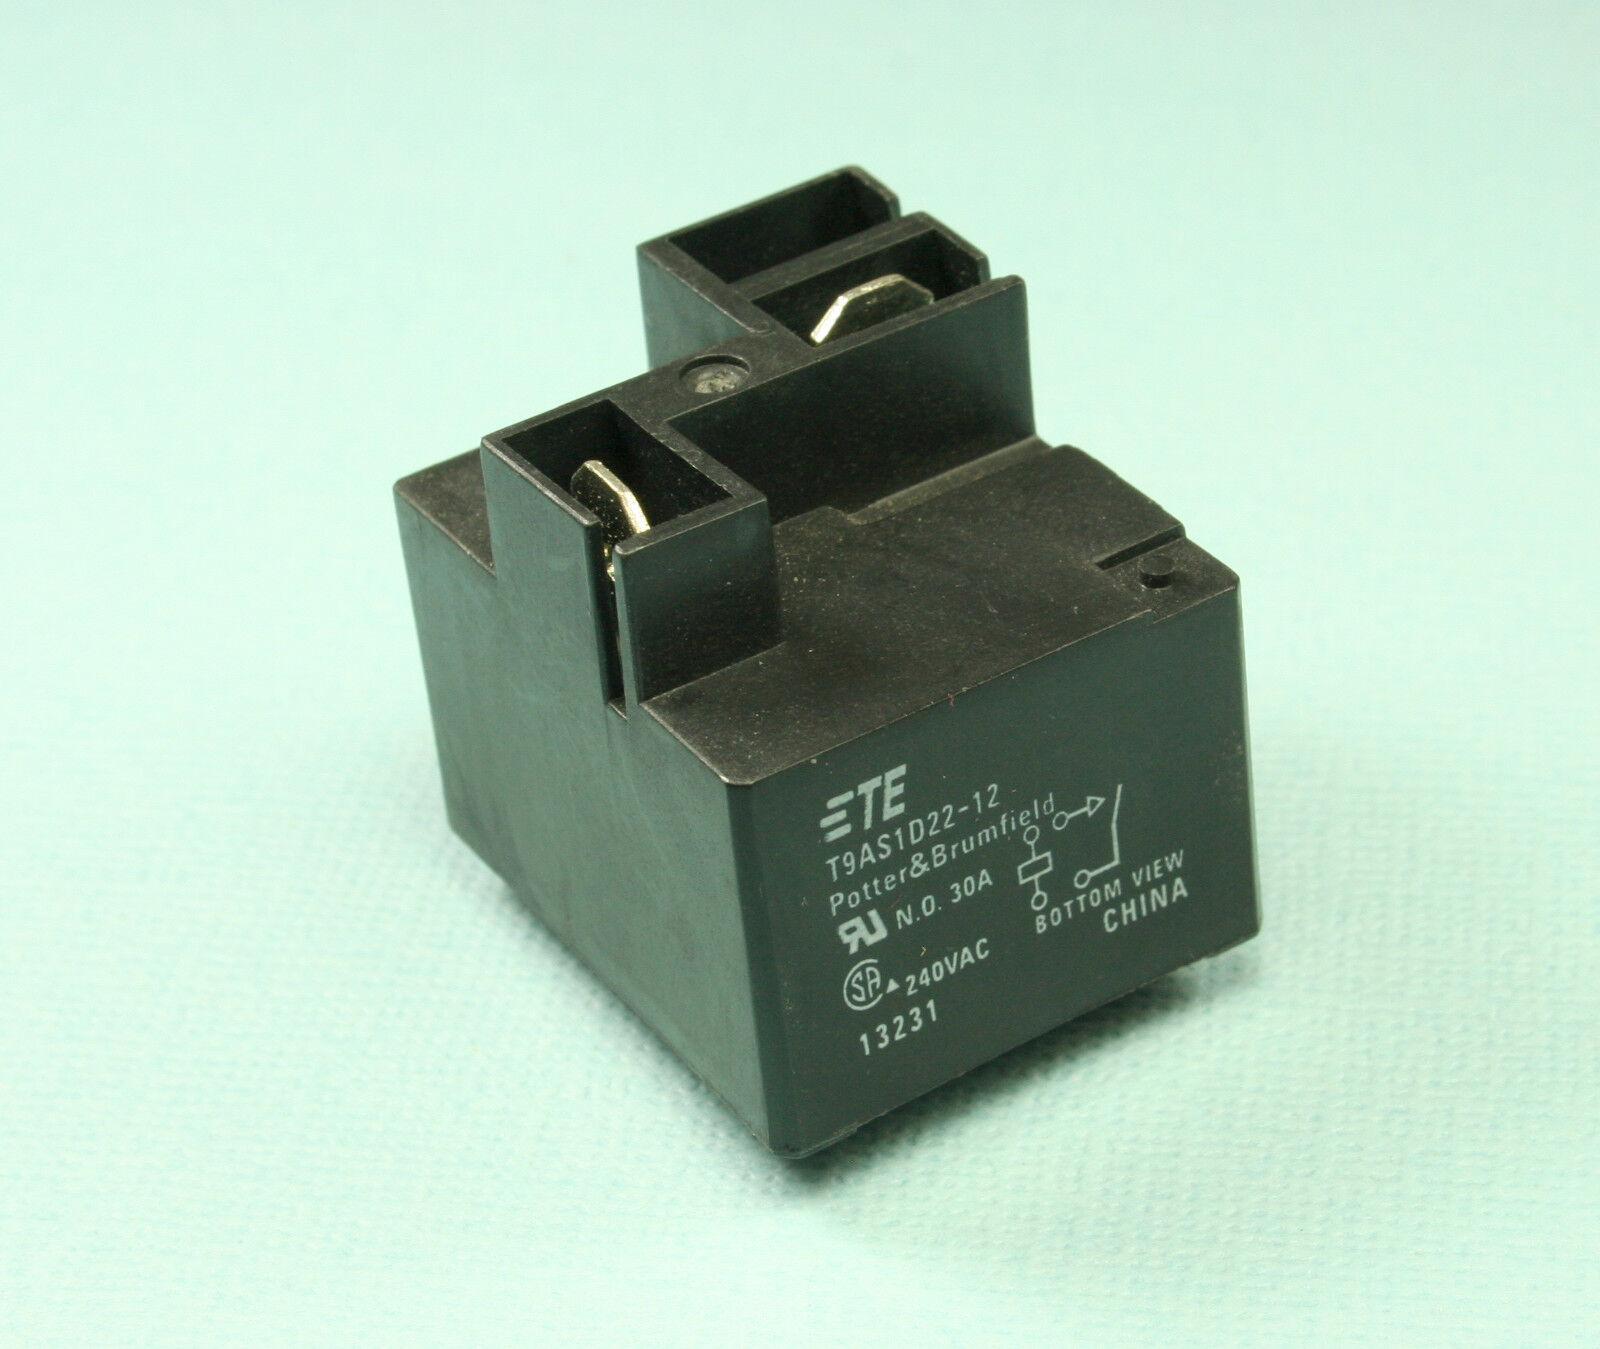 1 Pcs électromagnétique SPST-NO ucoil Relais 12VDC 16A//250VAC 270Ohm